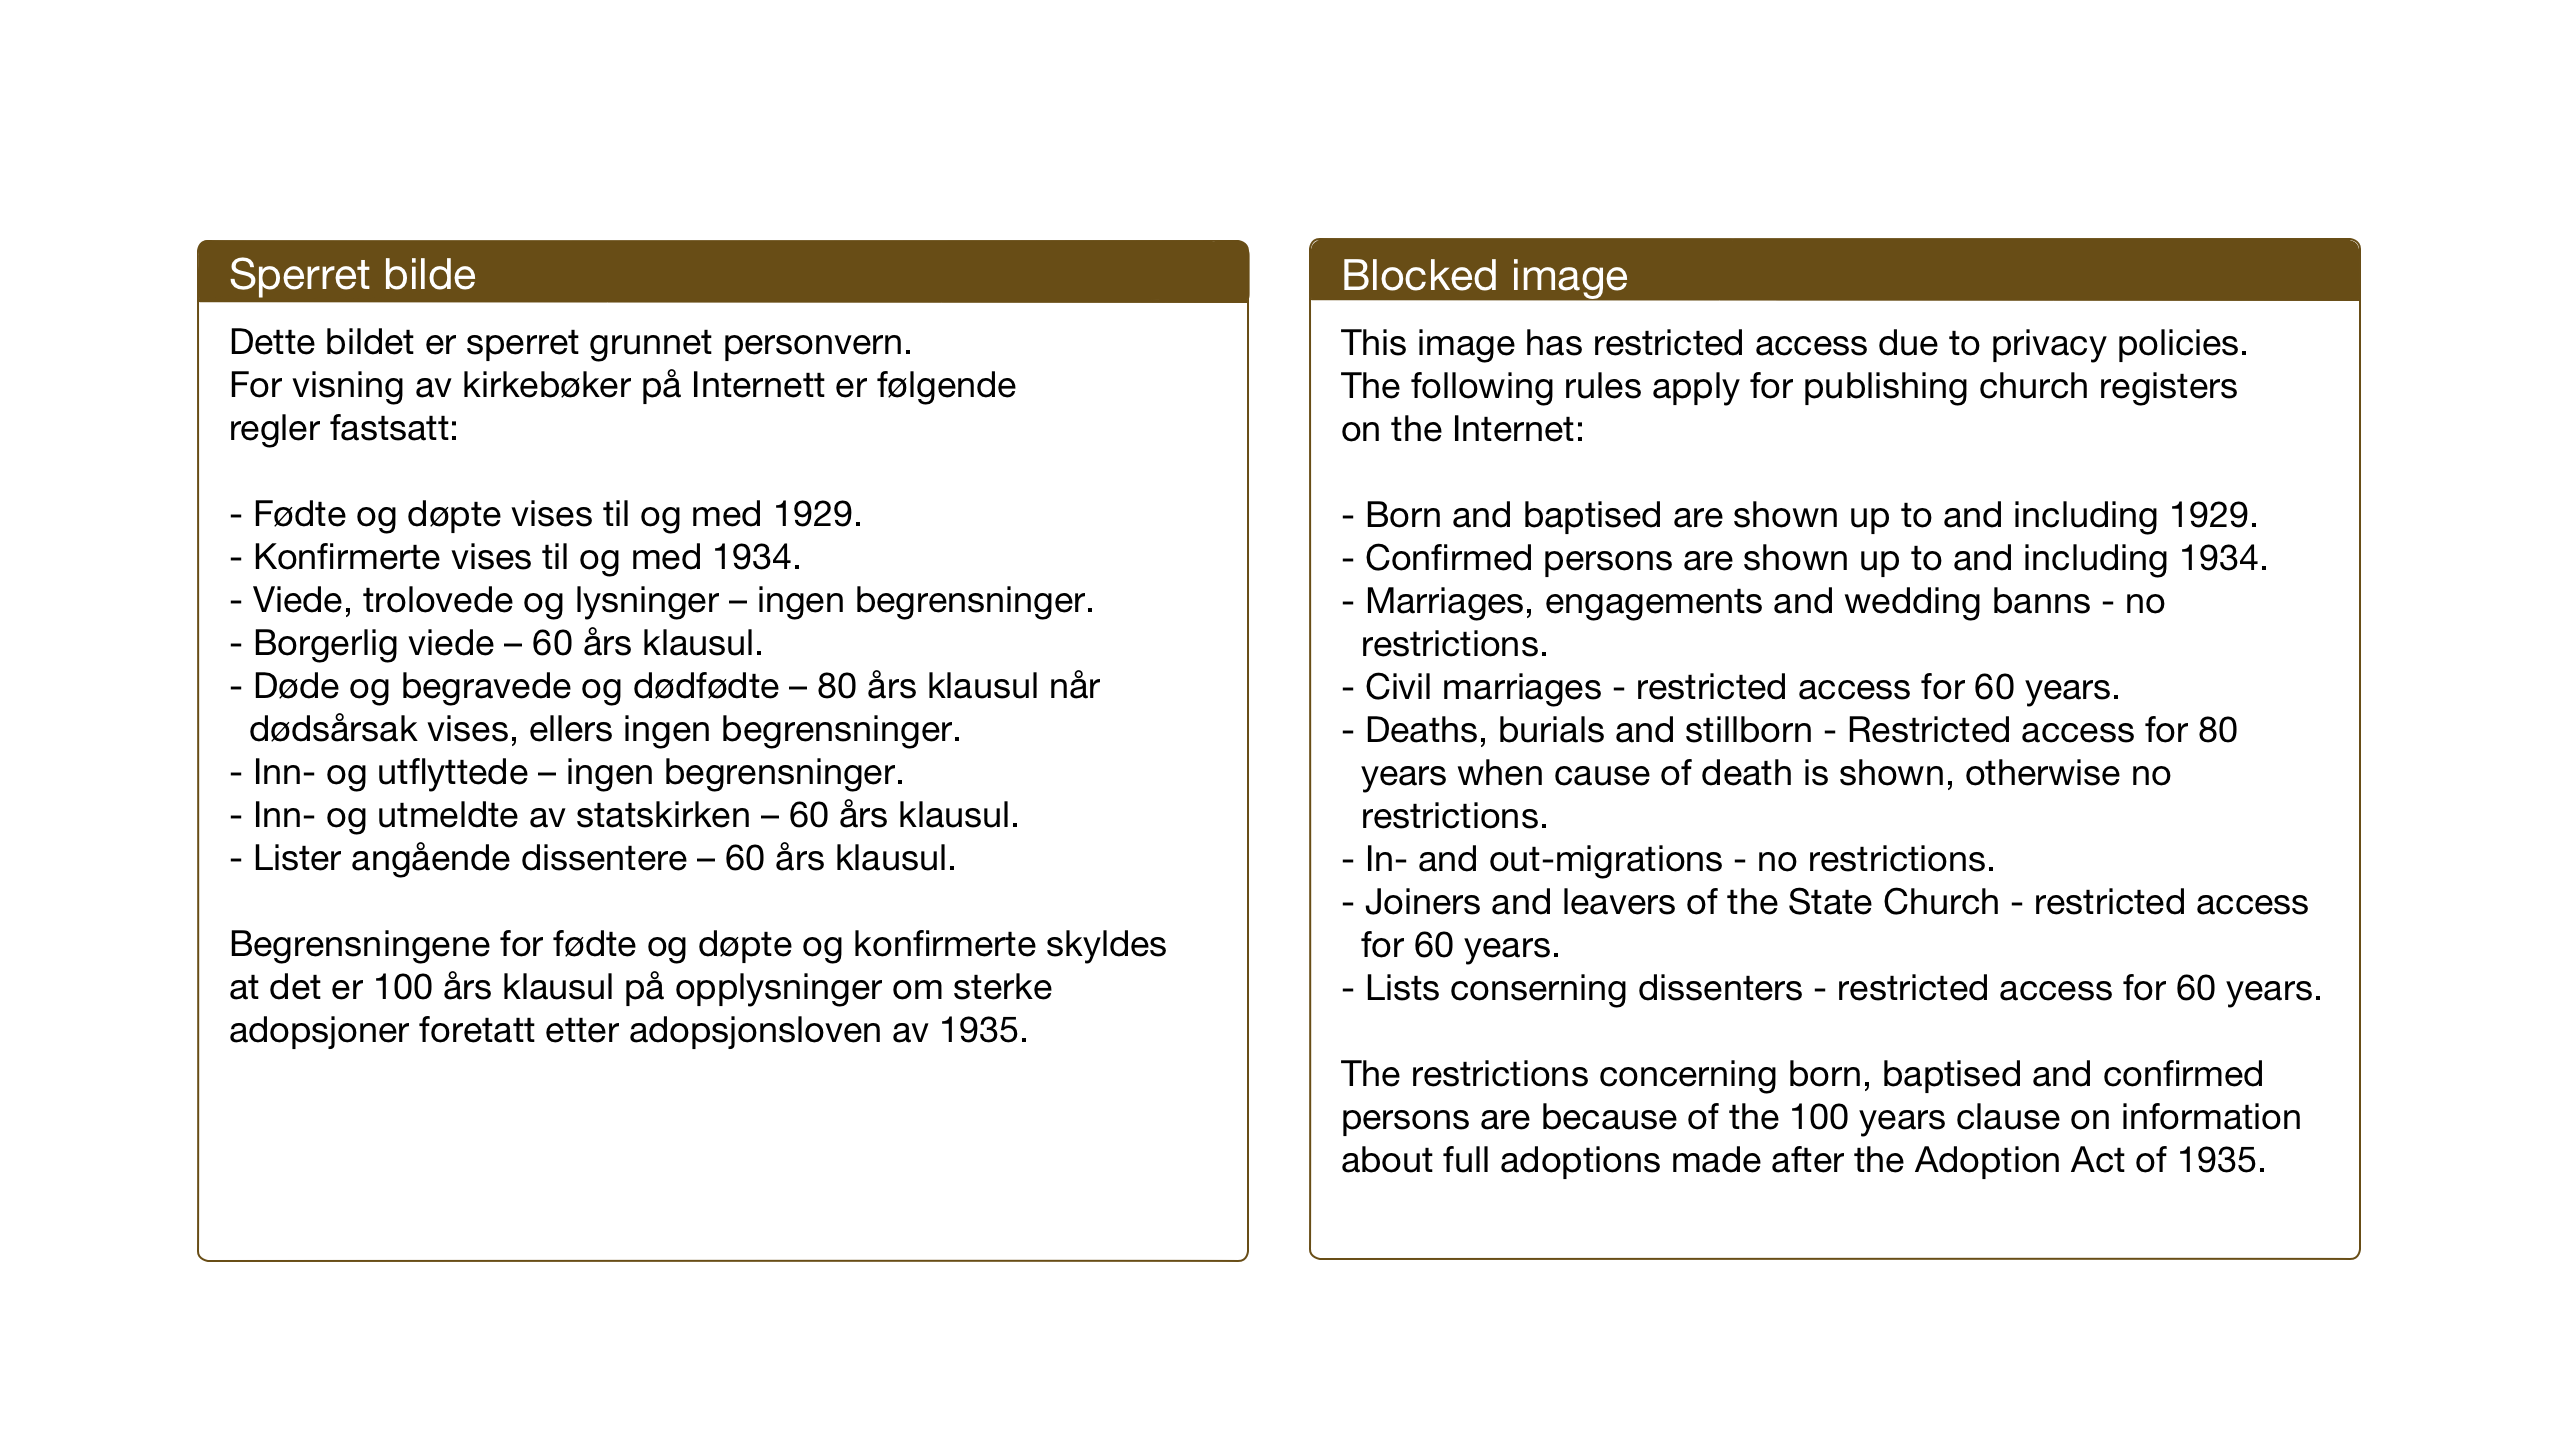 SAT, Ministerialprotokoller, klokkerbøker og fødselsregistre - Sør-Trøndelag, 641/L0599: Klokkerbok nr. 641C03, 1910-1938, s. 88